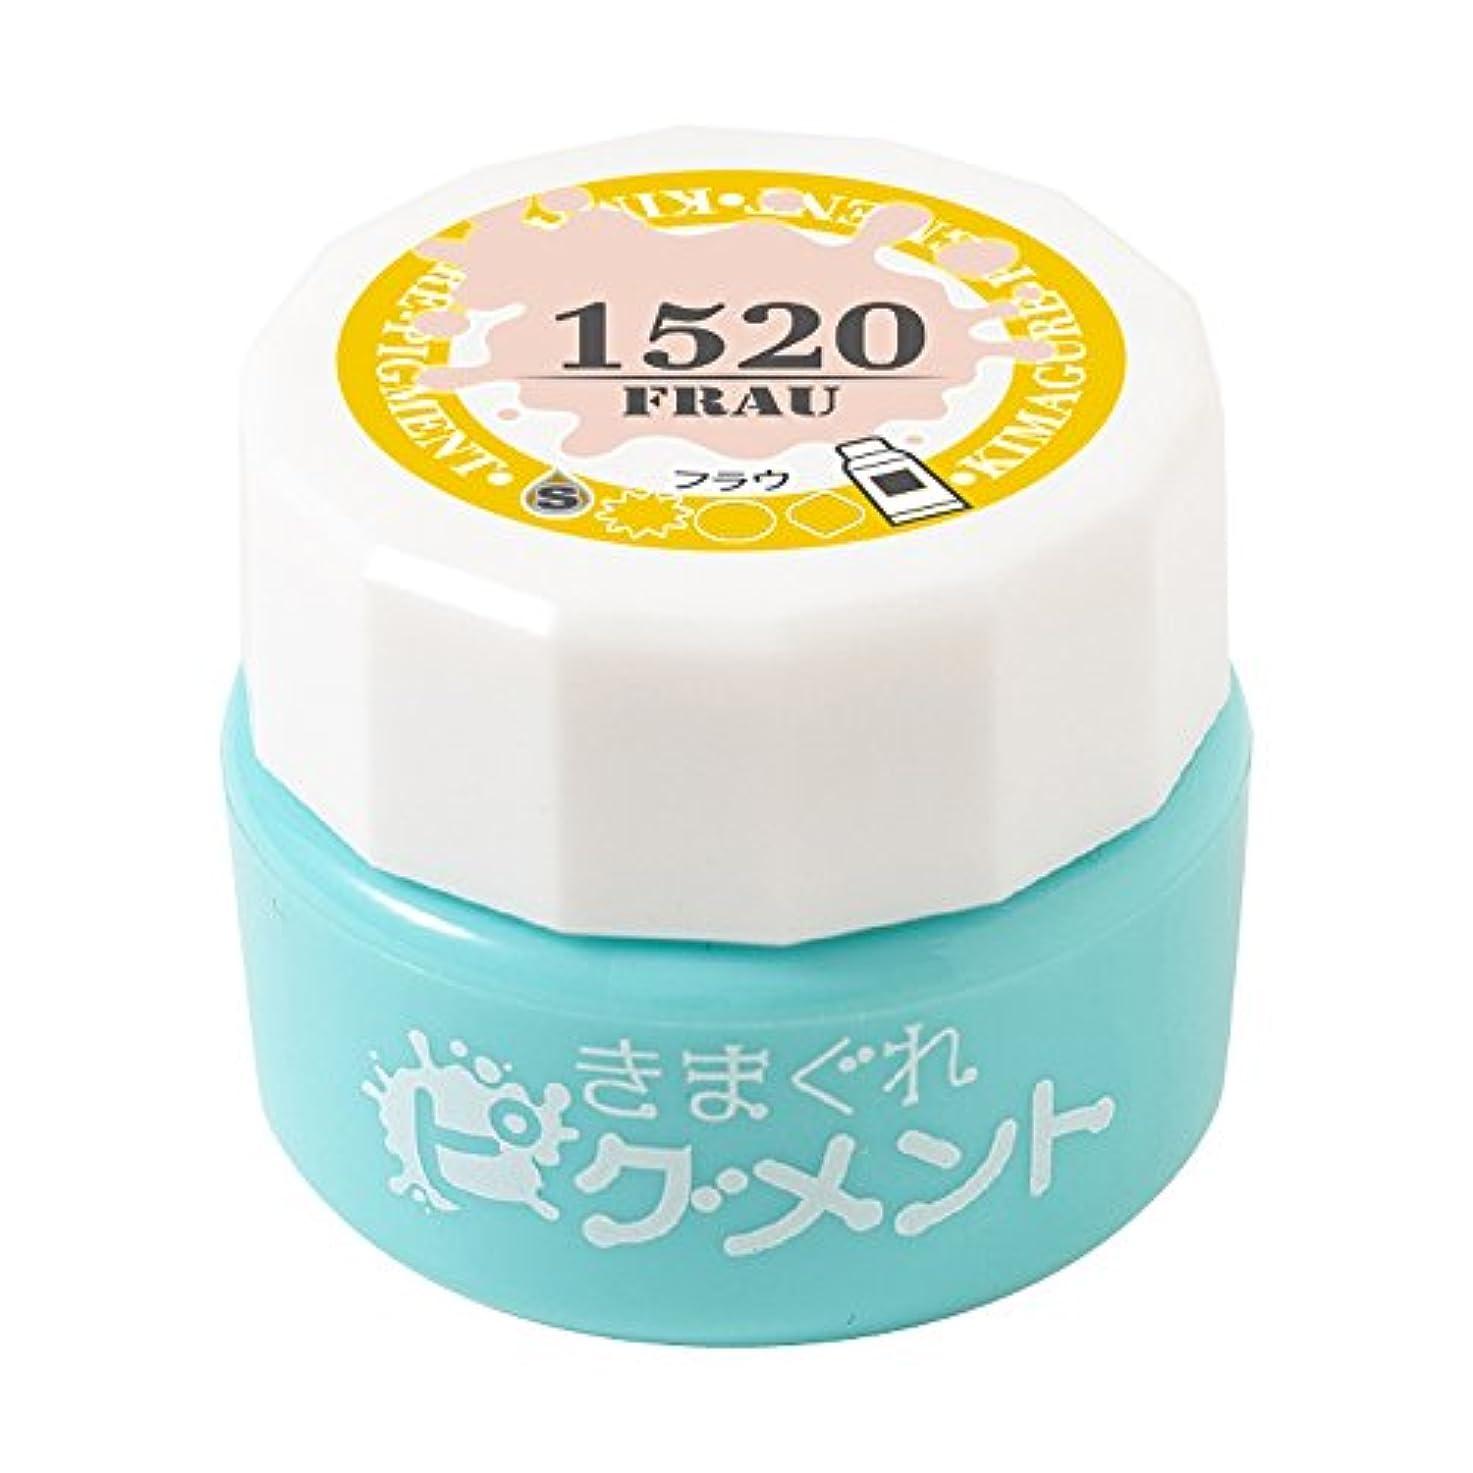 シソーラス熟達熟達Bettygel きまぐれピグメント フラウ QYJ-1520 4g UV/LED対応